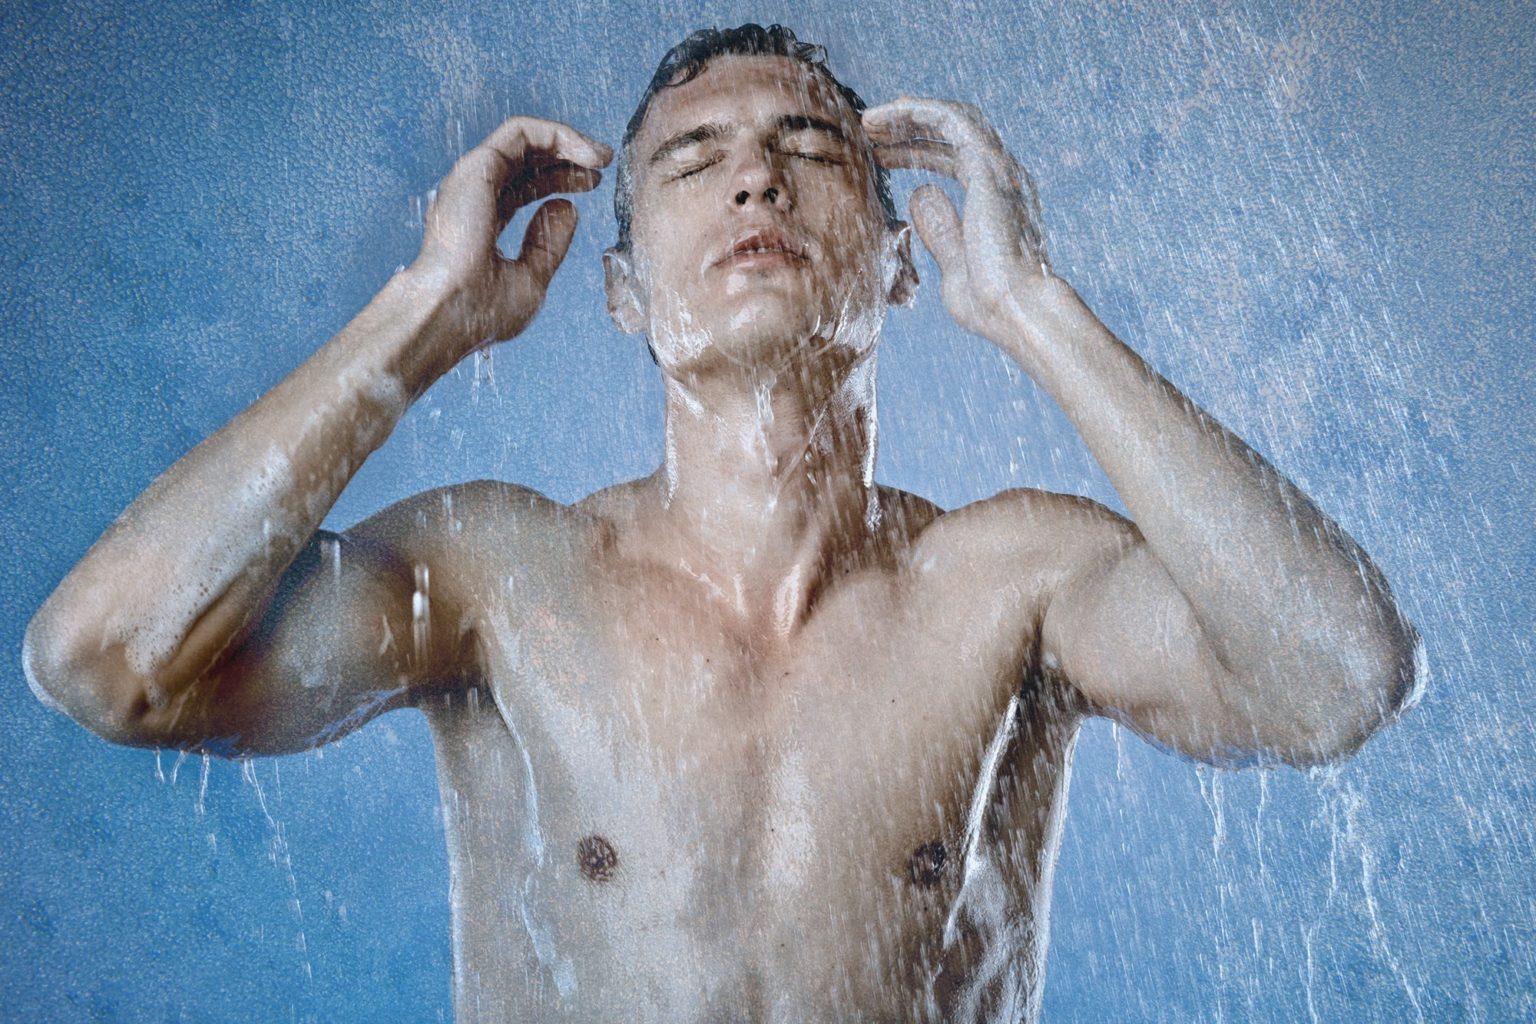 контрастный душ улучшает обмен веществ